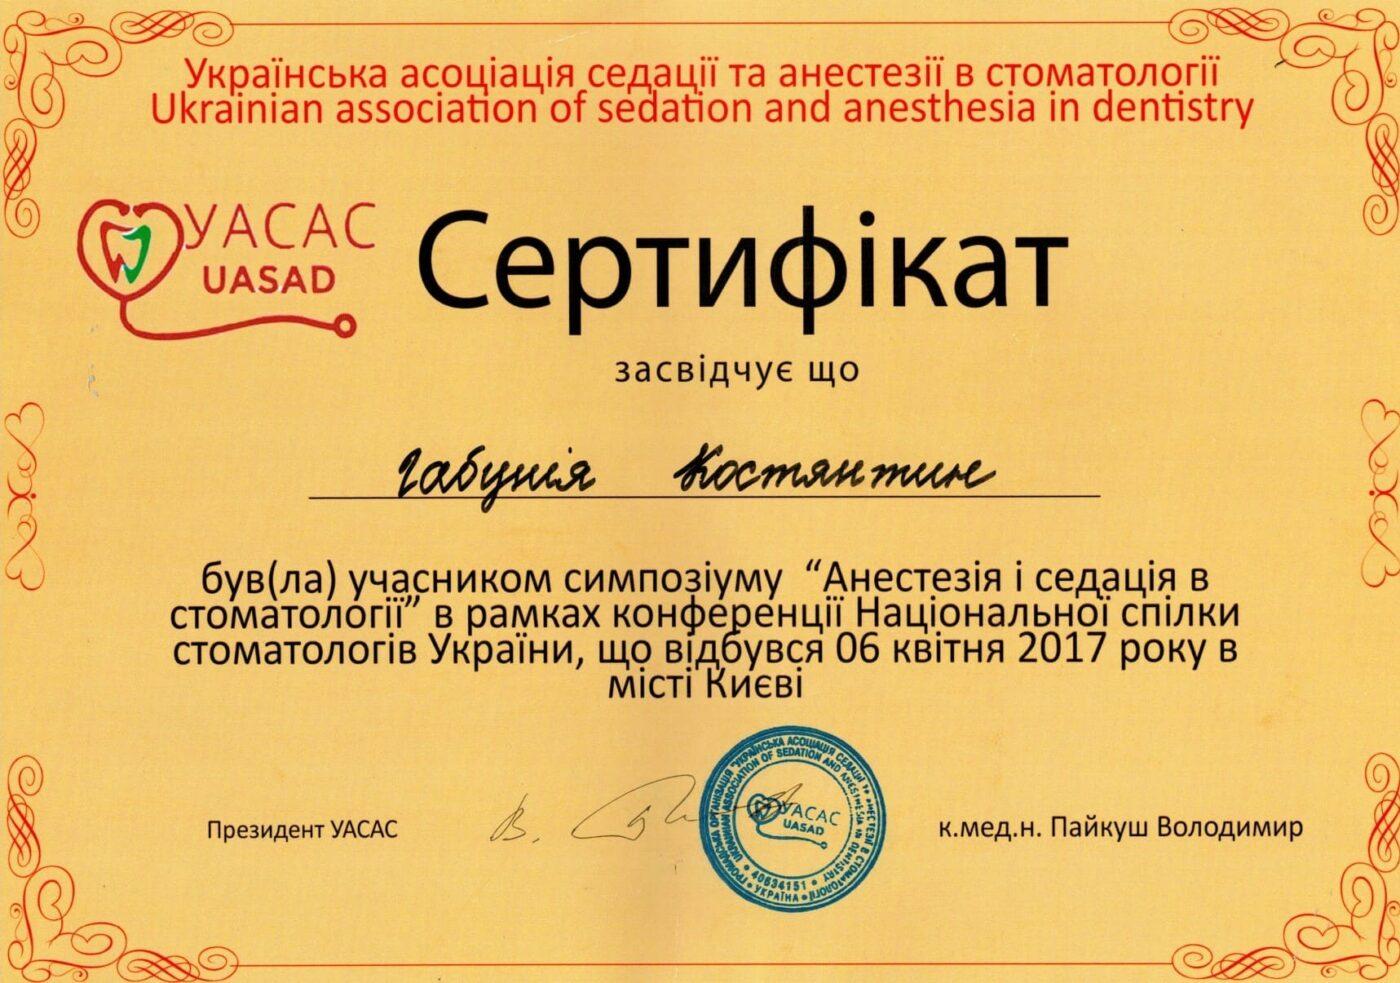 Сертификат подтверждающий участие Константина Габунии в симпозиуме - Анестезия и седация в стоматологии